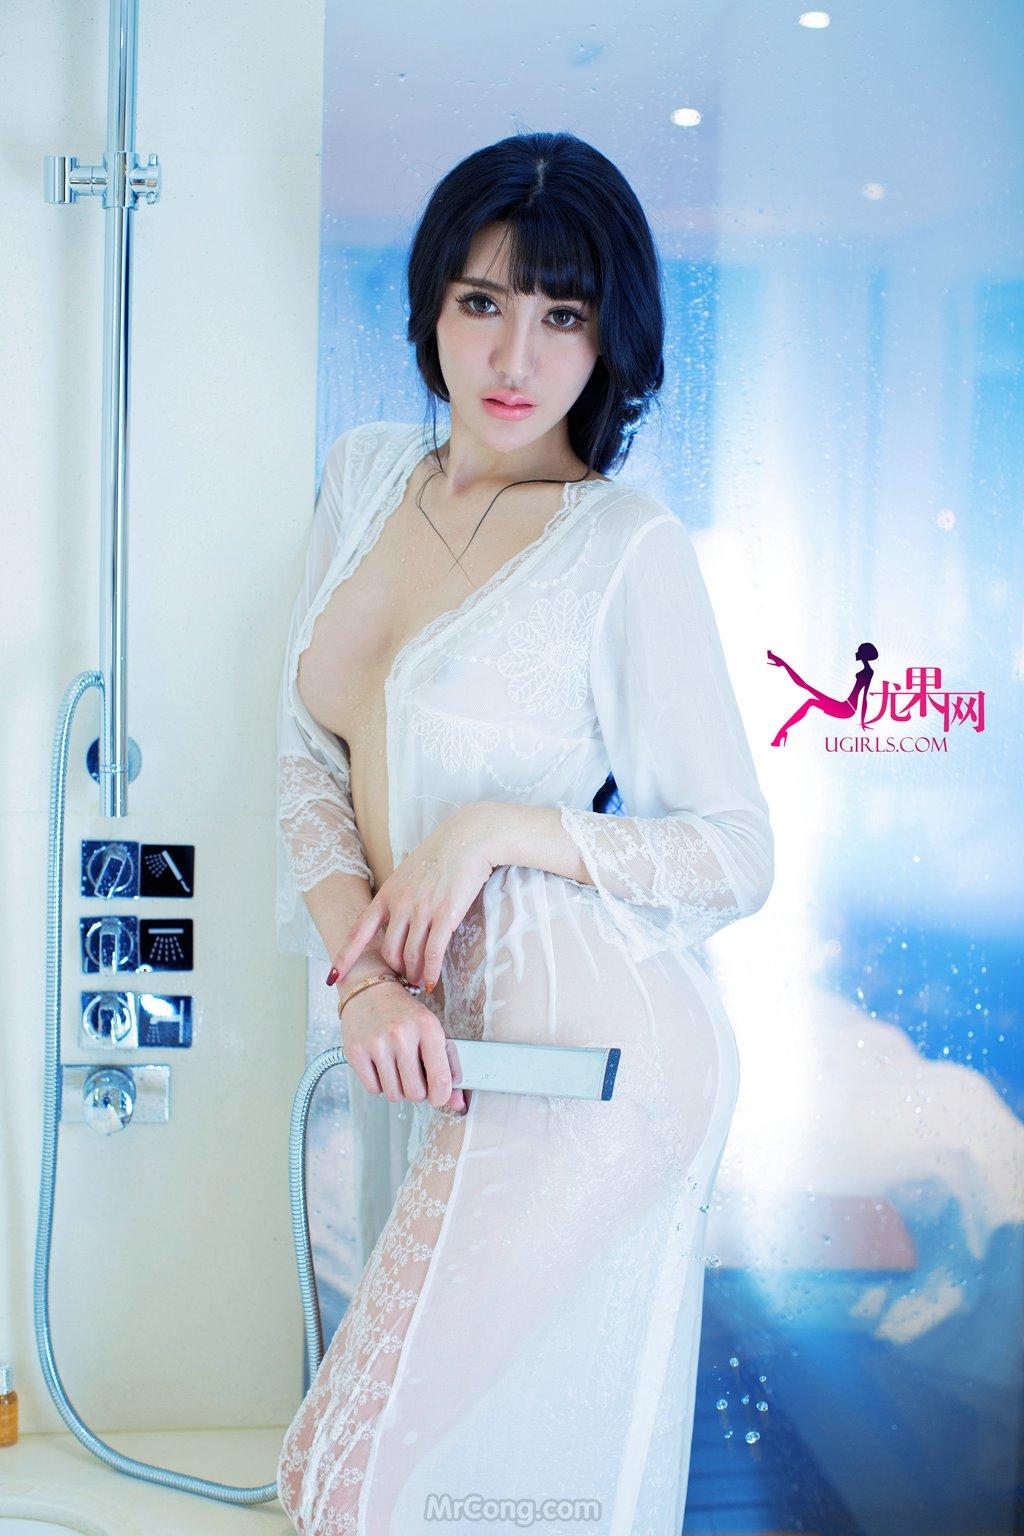 Image MrCong.com-UGIRLS-088-Dai-Bei-Qi-046 in post Người đẹp Dai Bei Qi (黛蓓琪) khoe thân hình nóng bỏng trong bộ ảnh UGIRLS 088